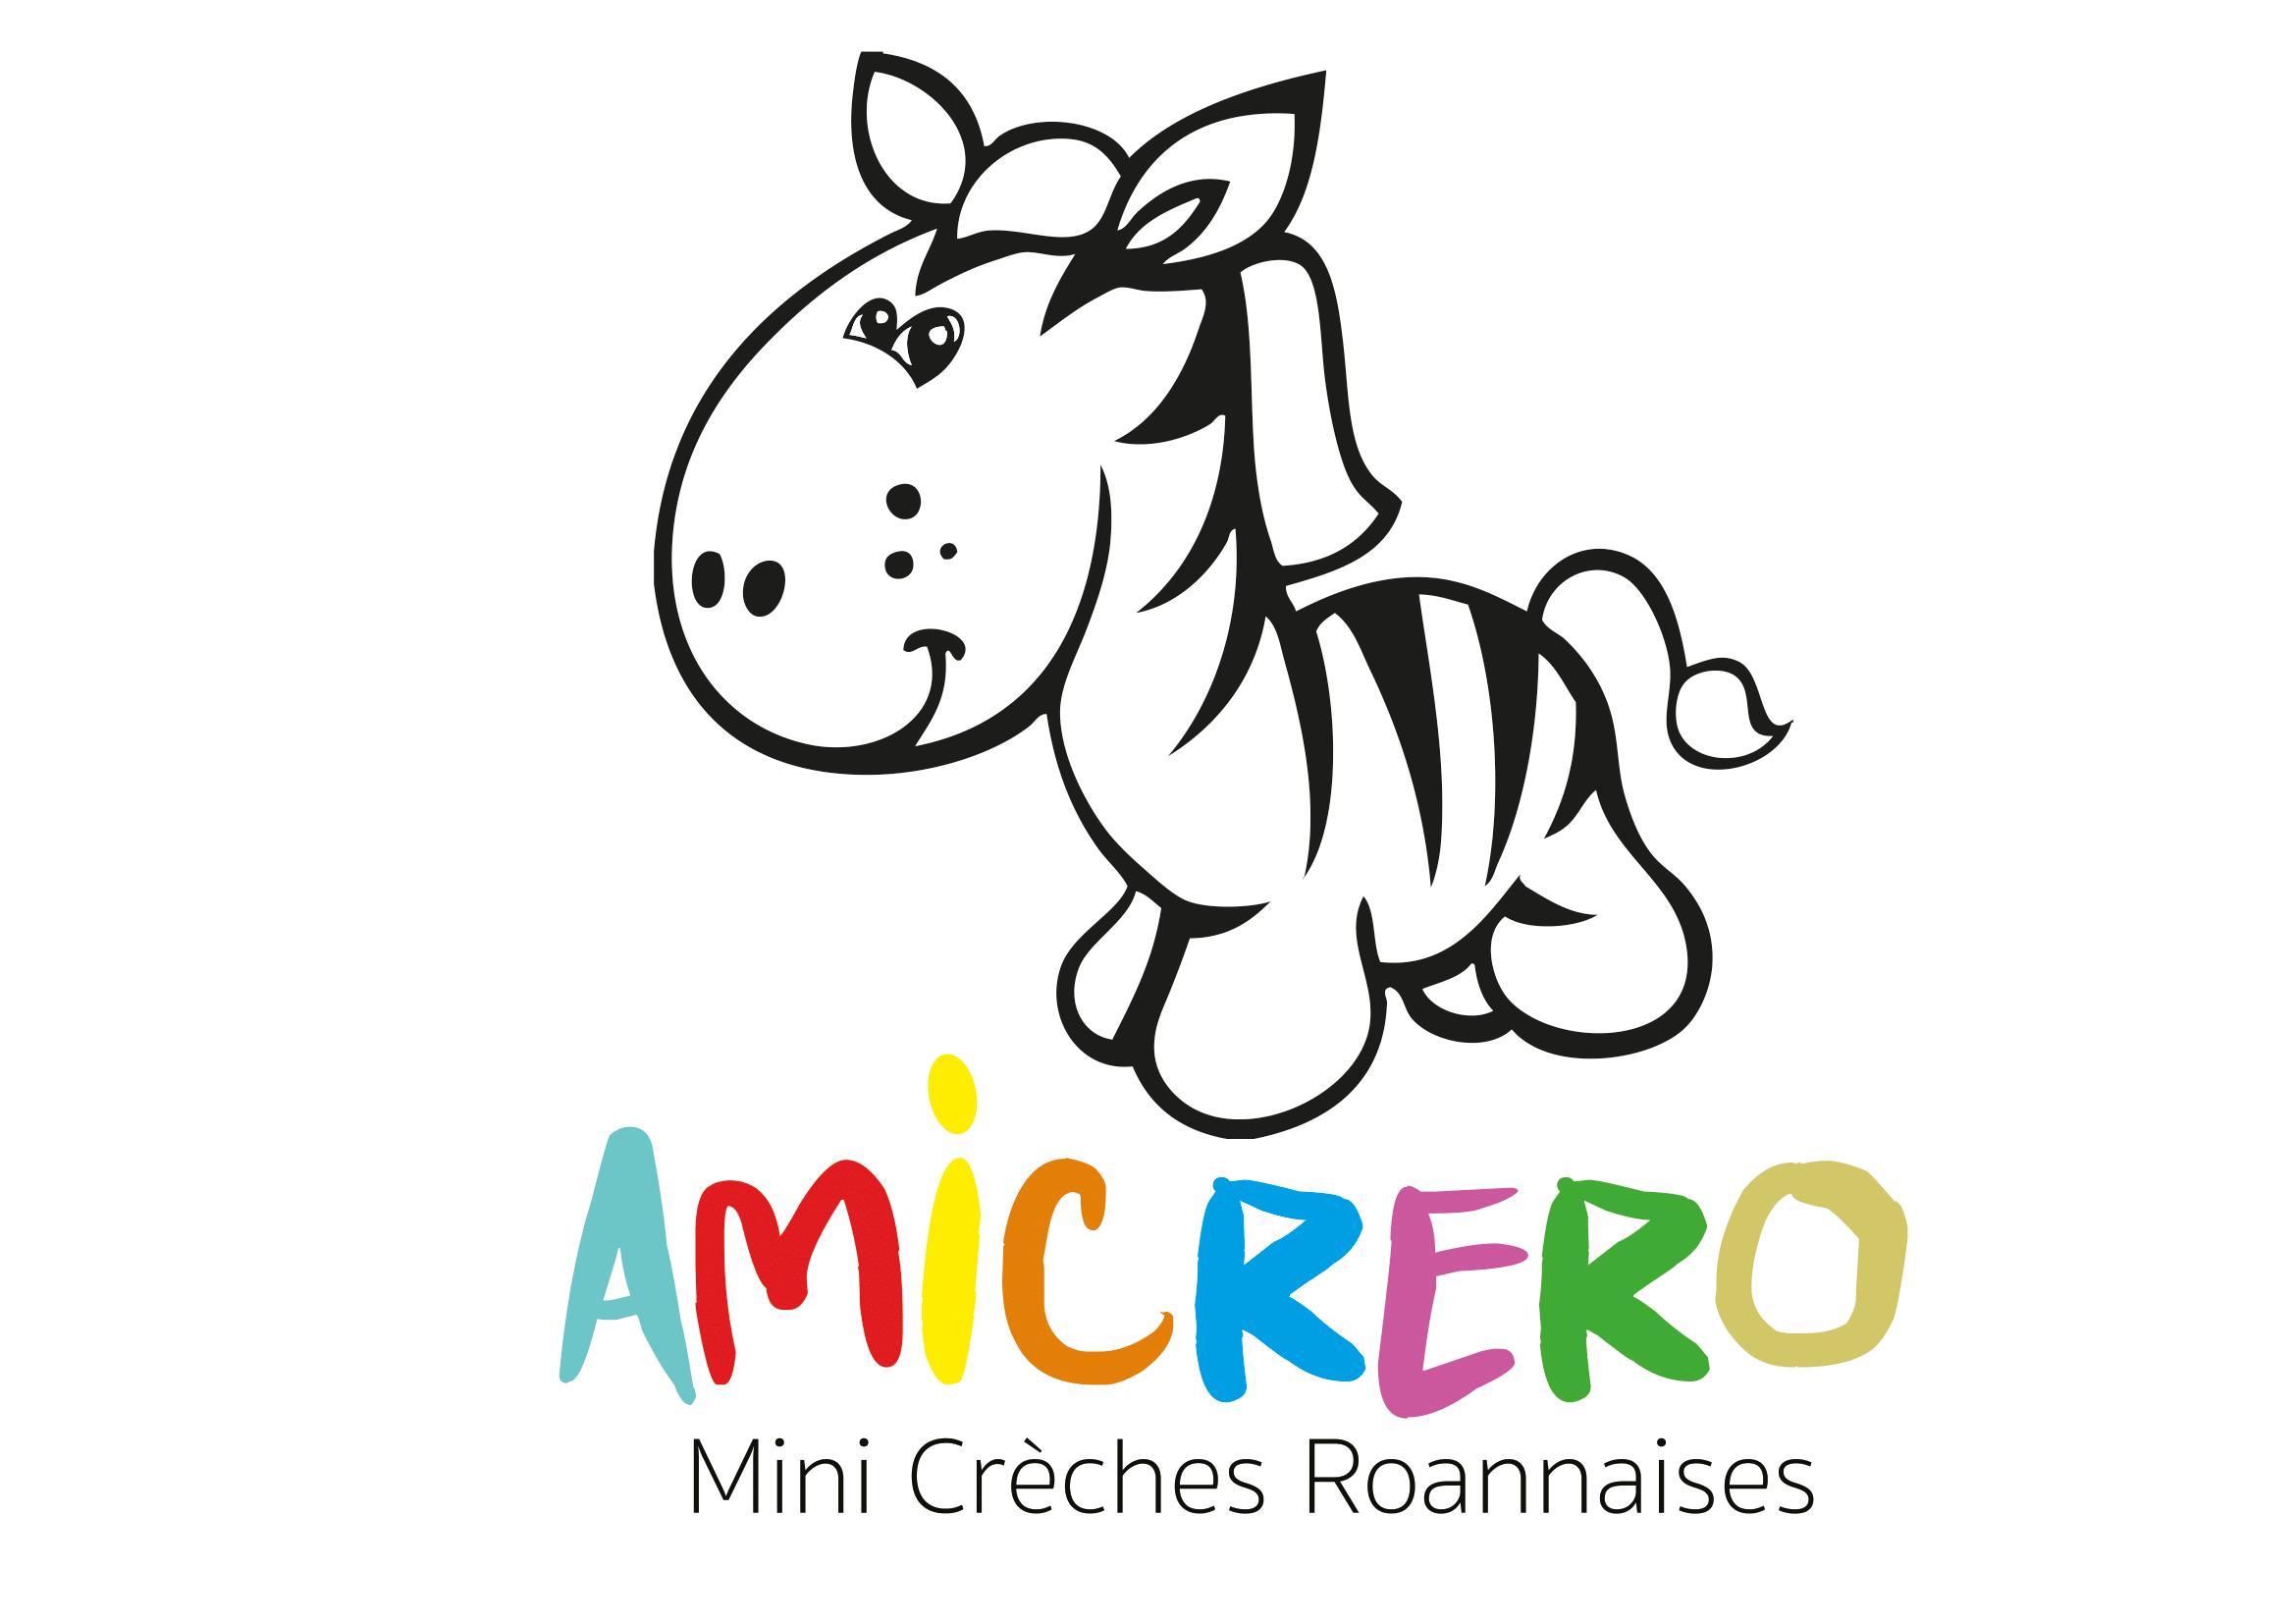 AMICRERO